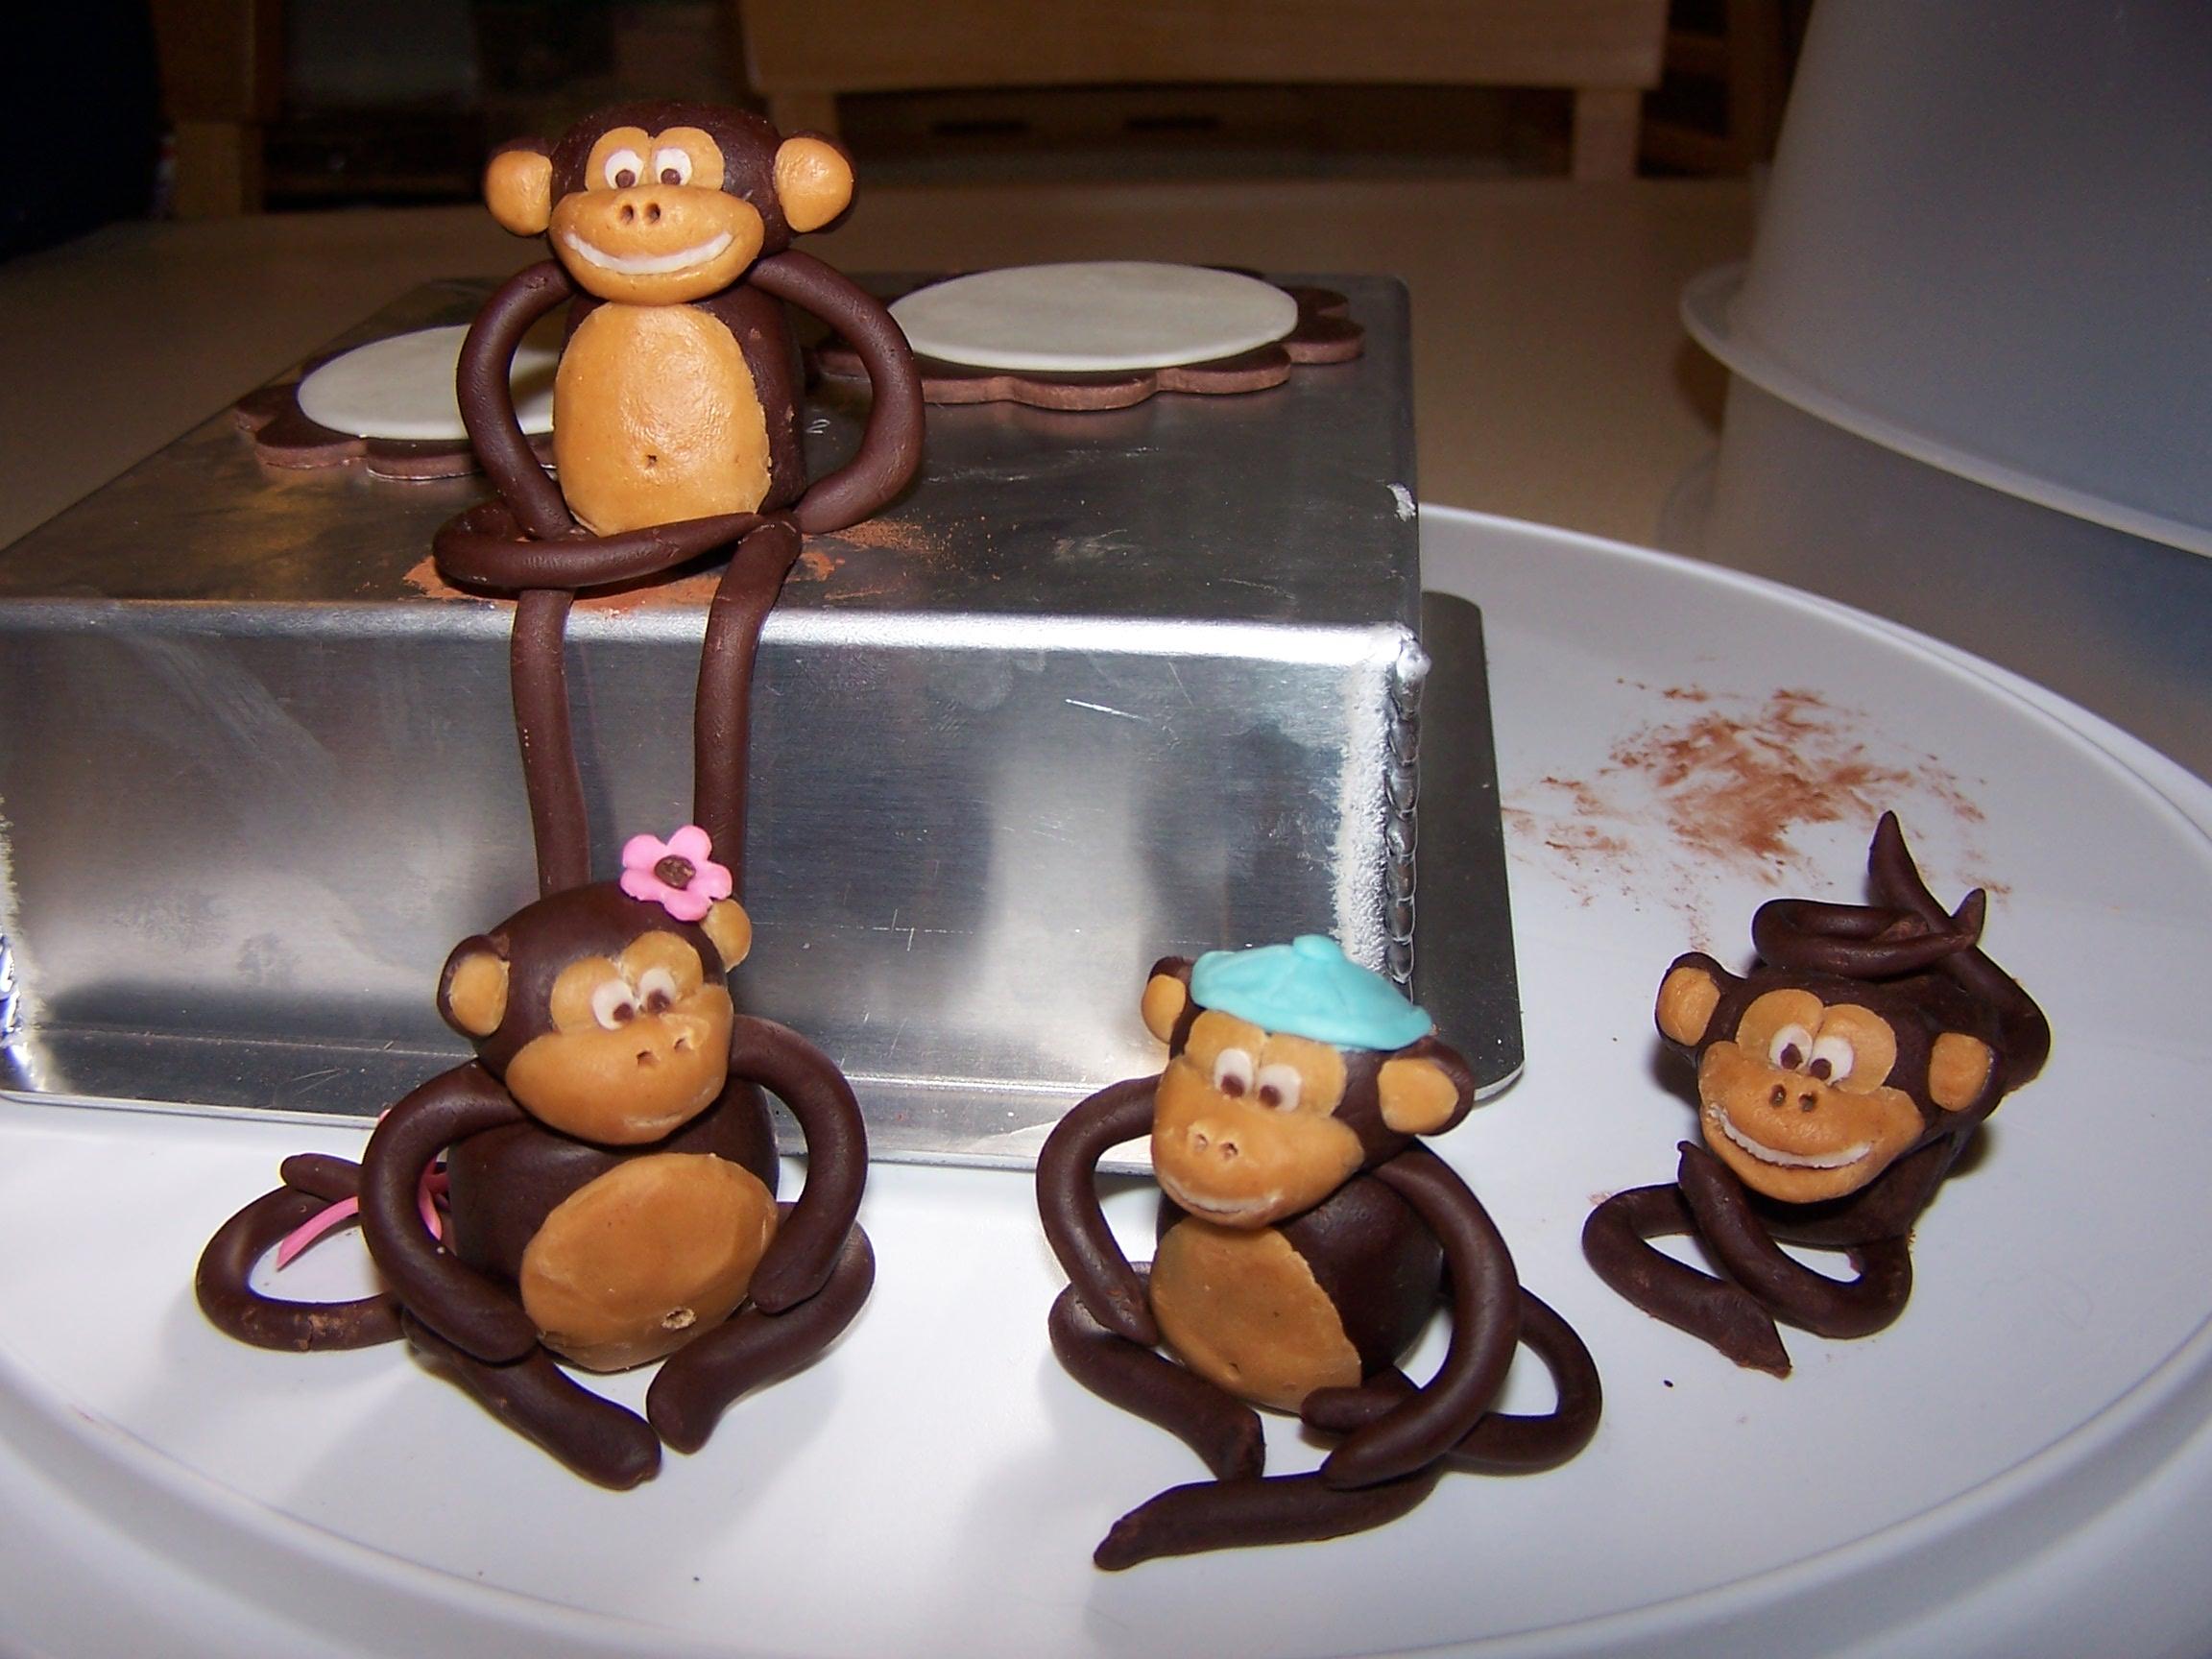 Modeling Chocolate Monkeys | Cake Is Life